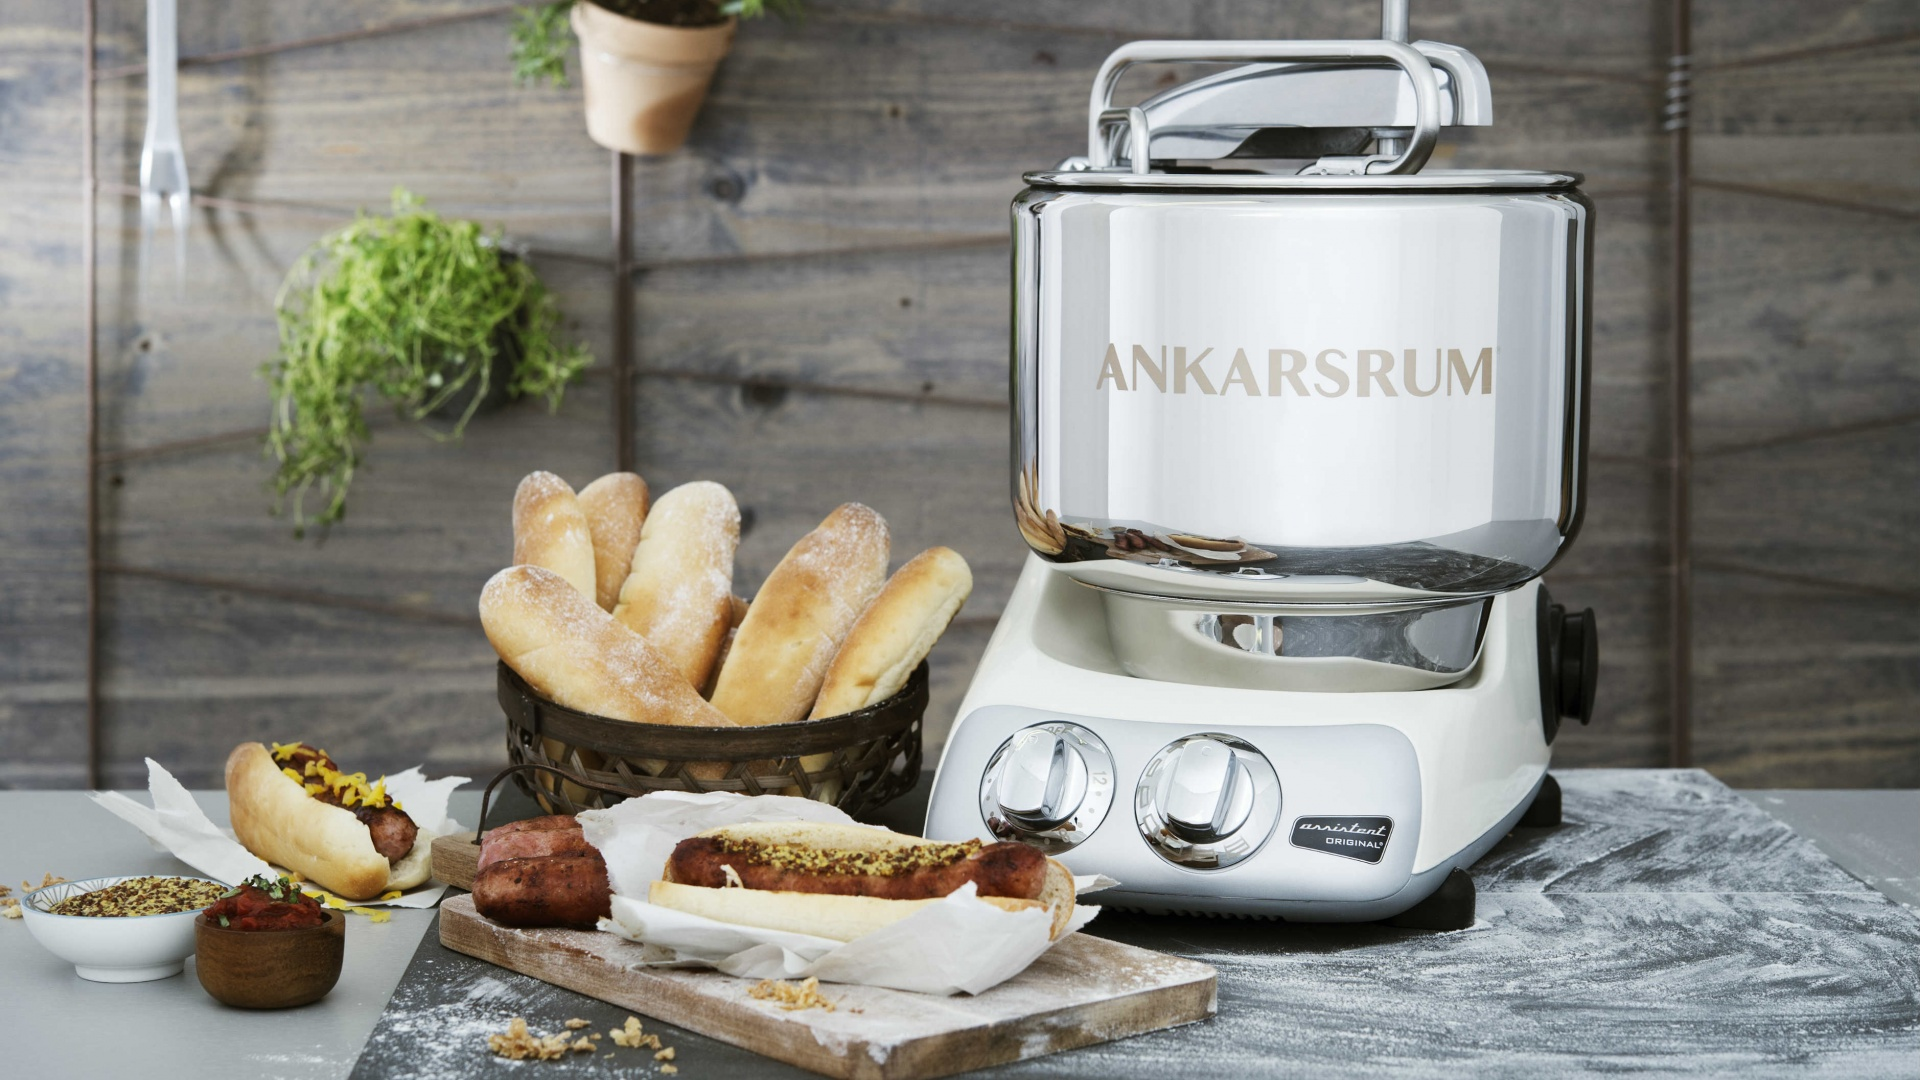 Win an Ankarsrum Assistent Original stand mixer